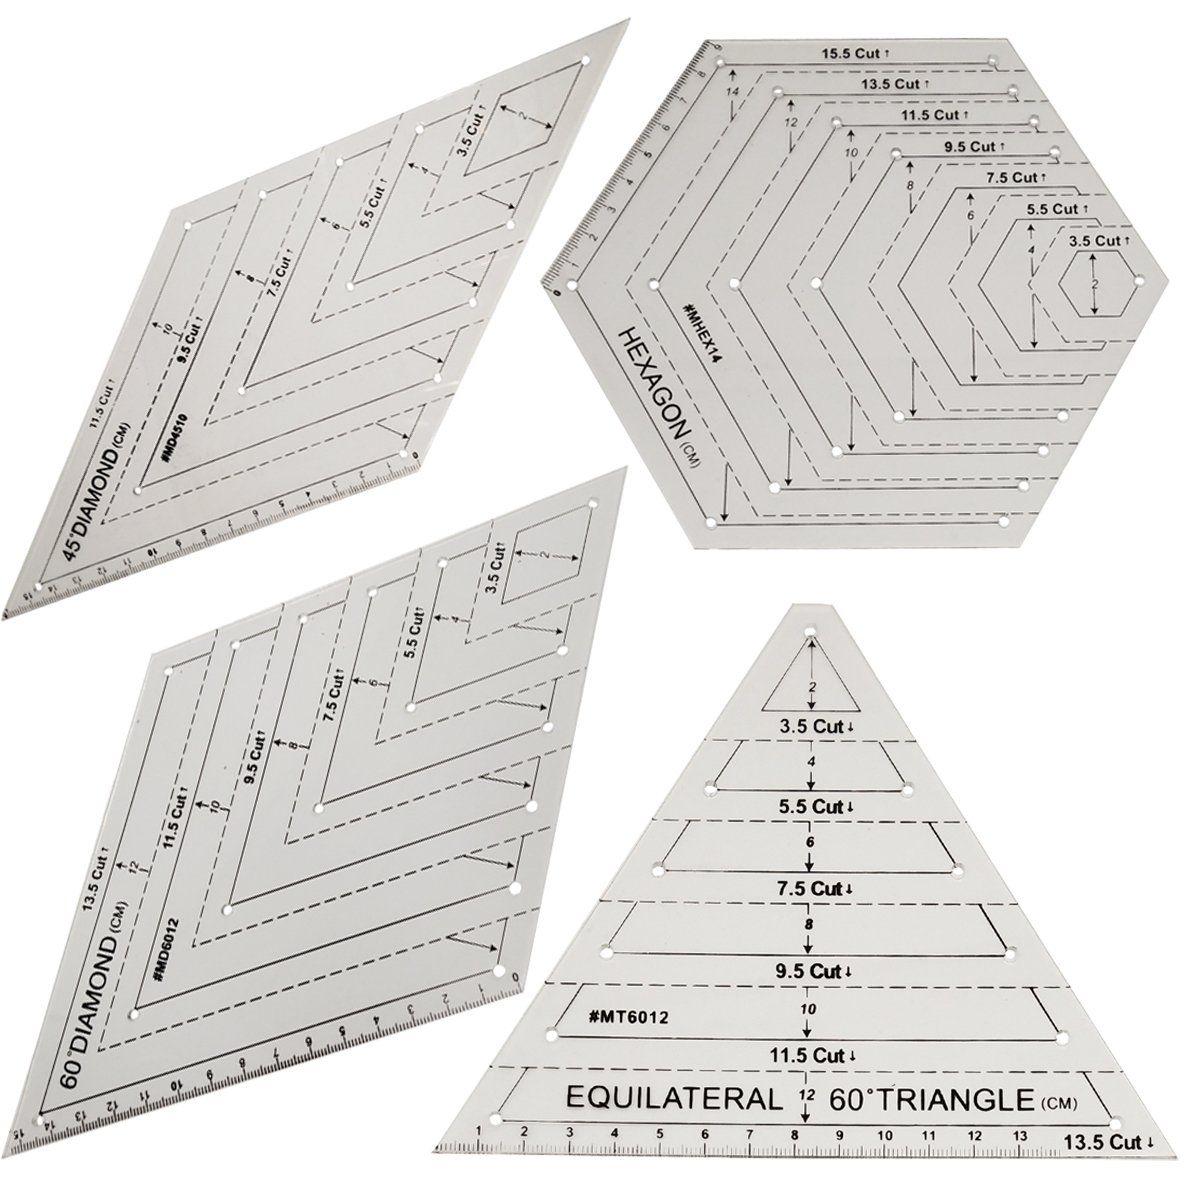 Règle de Patchwork règle de Quilting règles acryliques transparentes de haute qualité règles de coupe de tissu de bâton bricolage outils de couture 4 pièces